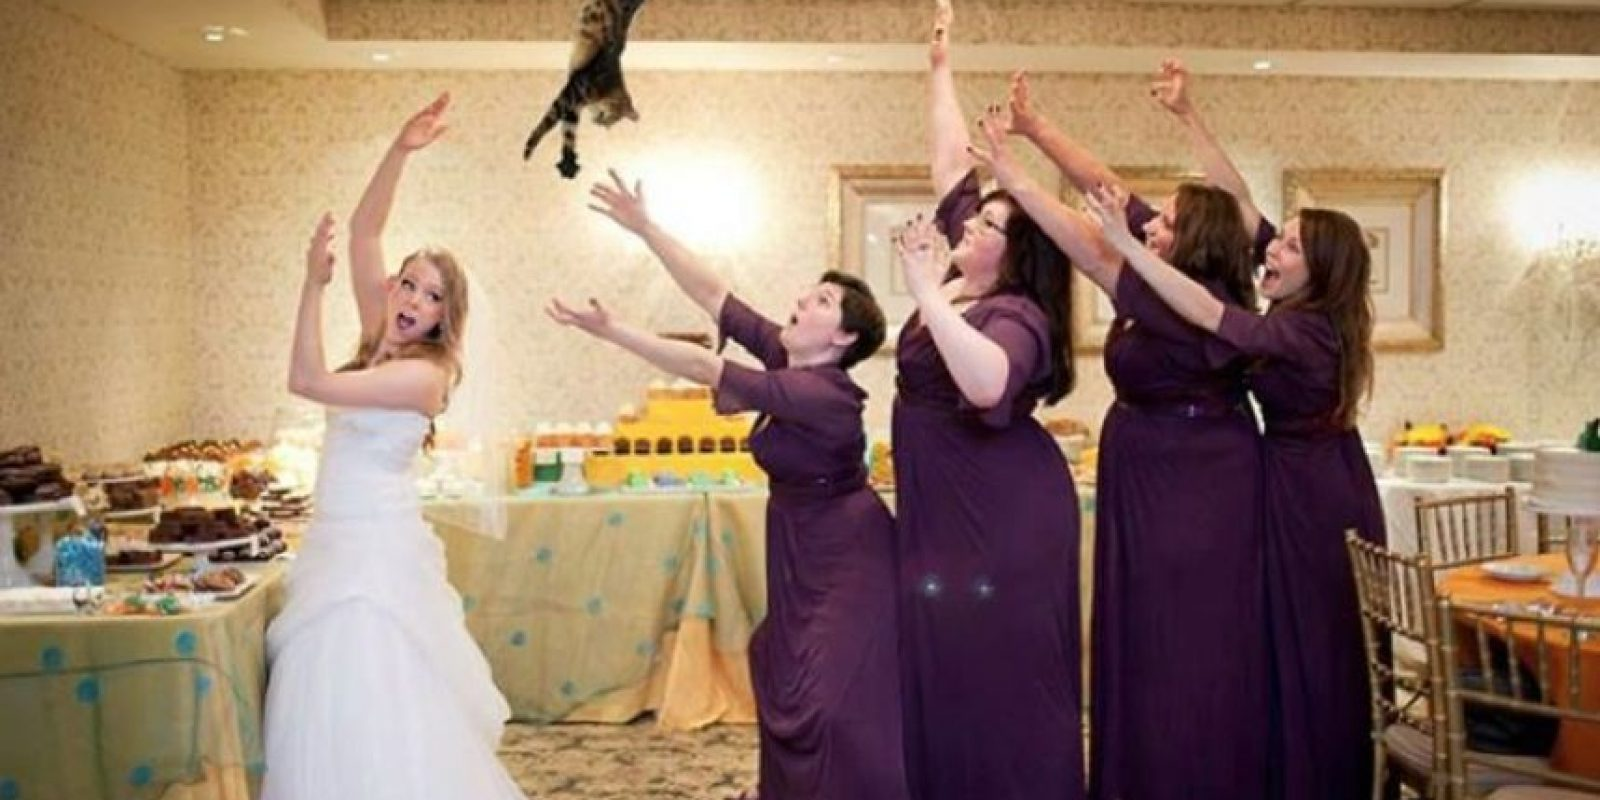 Foto:Vía bridesthrowingcats.com